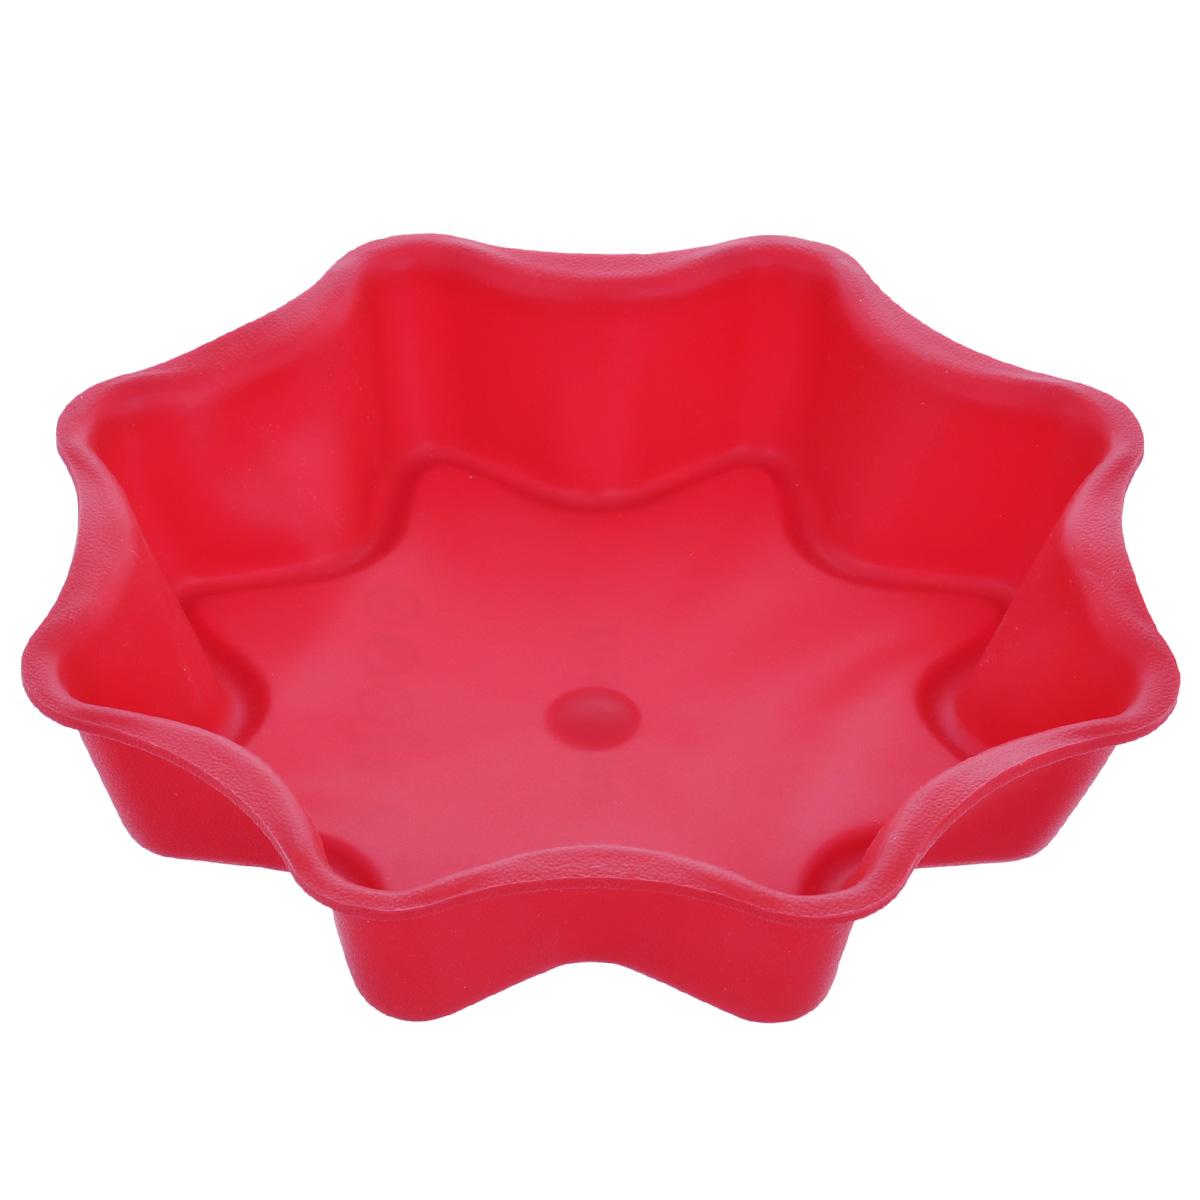 Форма для выпечки Tescoma Delicia Silicone, цвет: красный, диаметр 28 см629274Форма Tescoma Delicia Silicone, выполненная в виде восьмиконечной звезды,будет отличнымвыбором для всех любителей выпечки. Благодаря тому, что форма изготовлена изсиликона, готовую выпечку вынимать легко и просто. Форма прекрасно подходитдля выпечки пирогов, тортов и других десертов.С такой формой вы всегда сможете порадовать своих близких оригинальнойвыпечкой. Материал изделия устойчив к фруктовым кислотам, может бытьиспользован в духовках, микроволновых печах, холодильниках и морозильныхкамерах (выдерживает температуру от -40°C до 230°C). Антипригарные свойстваматериала позволяют готовить без использования масла. Можно мыть и сушить в посудомоечной машине. При работе с формой используйте кухонный инструмент из силикона - кисти,лопатки, скребки. Не ставьте форму на электрическую конфорку. Не разрезайтевыпечку прямо в форме.